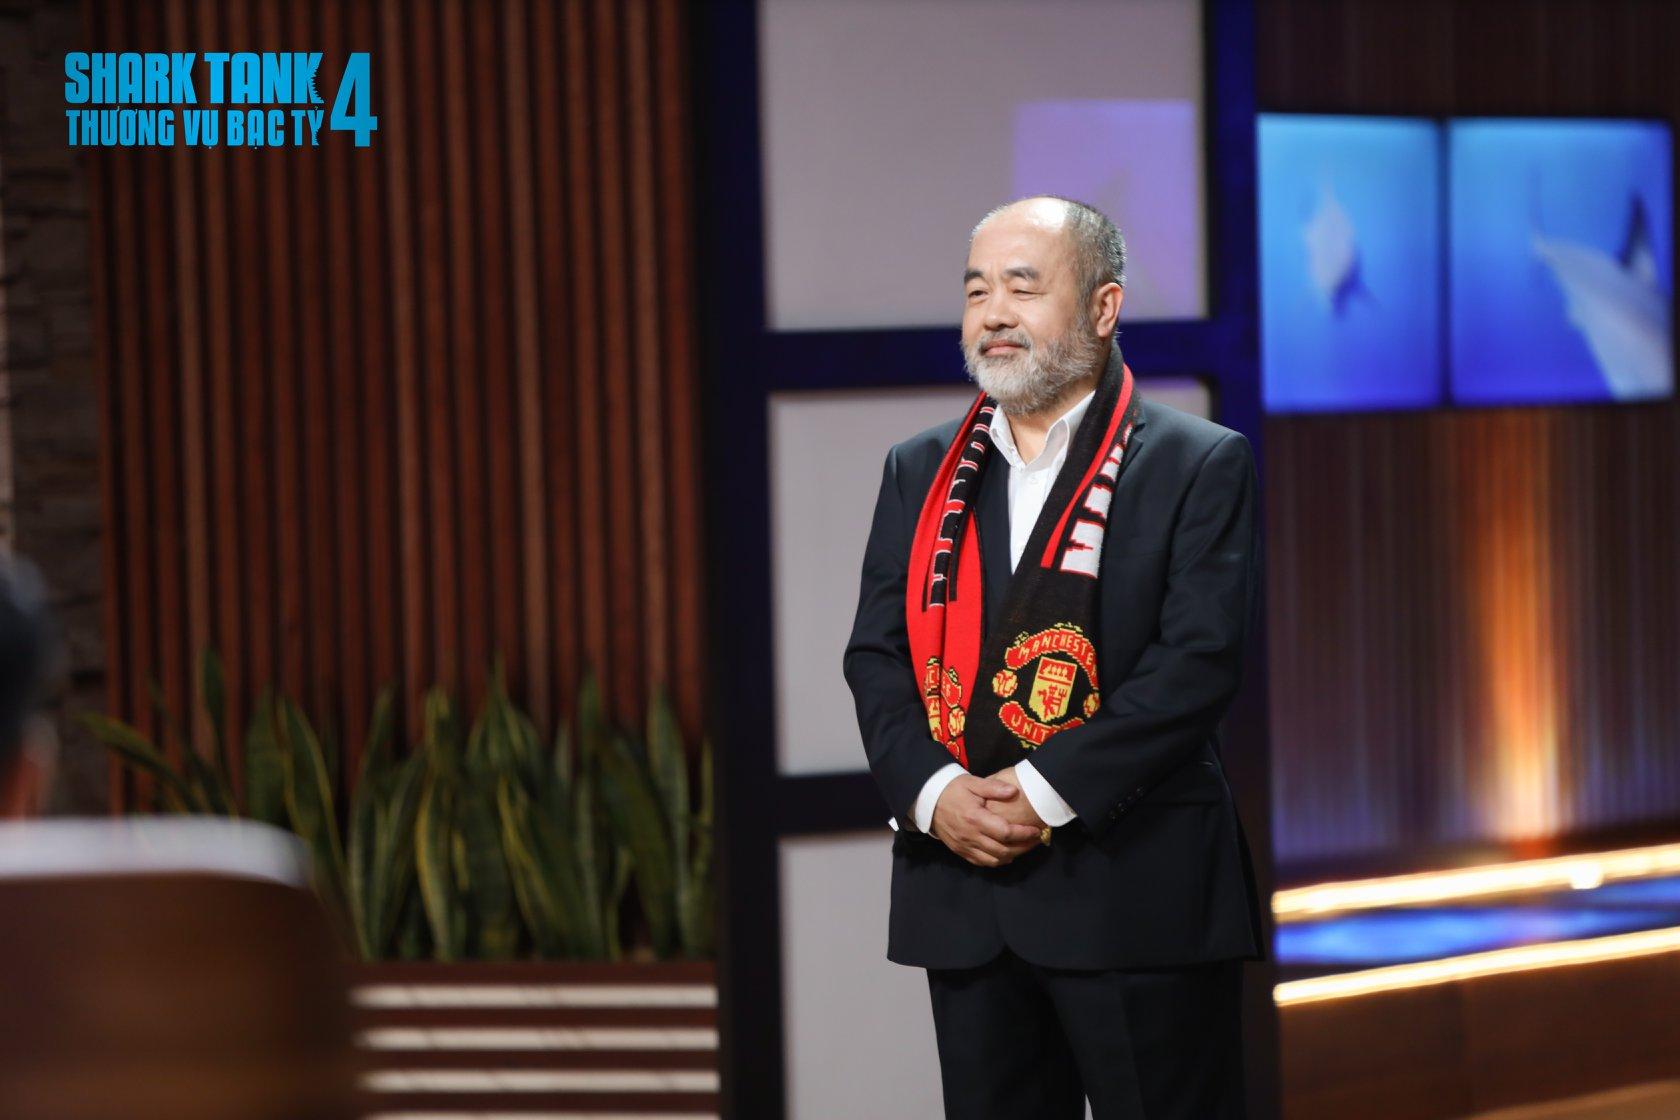 Ông chú fan MU mang sản phẩm muối chấm Tây Ninh lên gọi vốn ở Shark Tank, chia sẻ mối lương duyên để về Việt Nam lập nghiệp ở tuổi 50 - Ảnh 1.